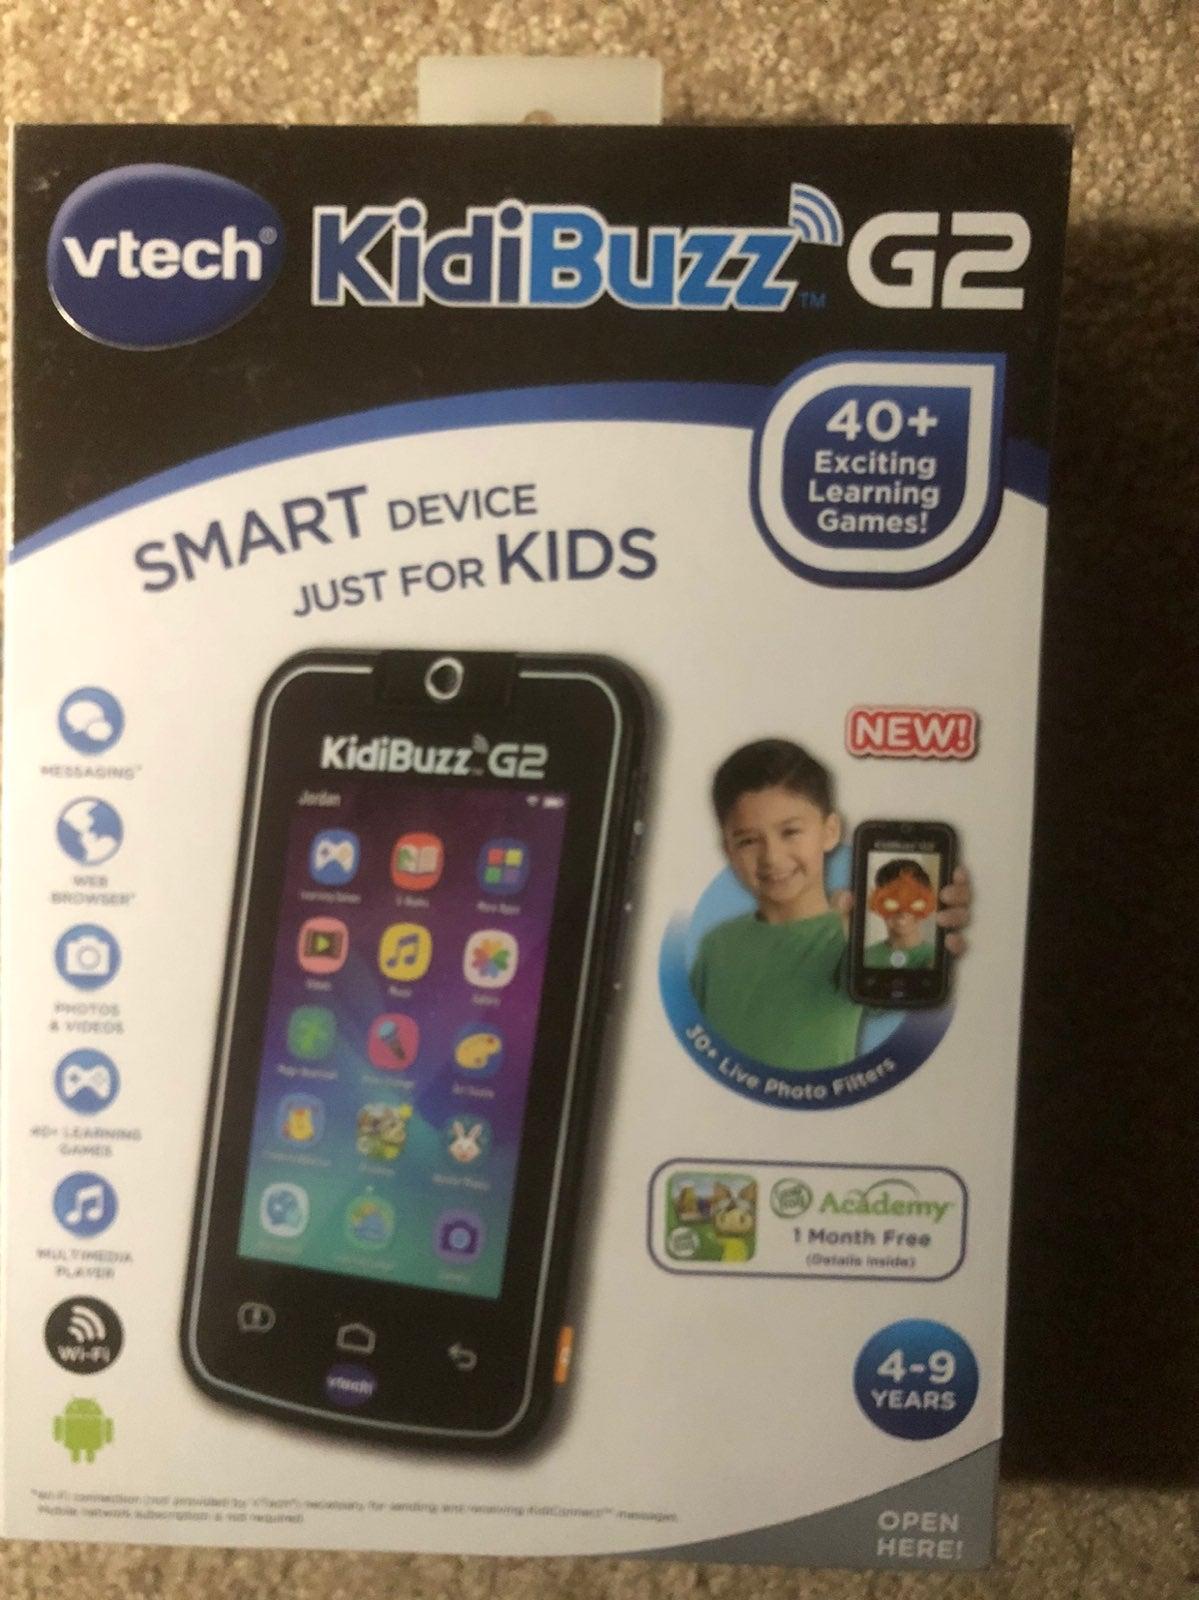 Vtech Kidibuzz G2 Smart Device